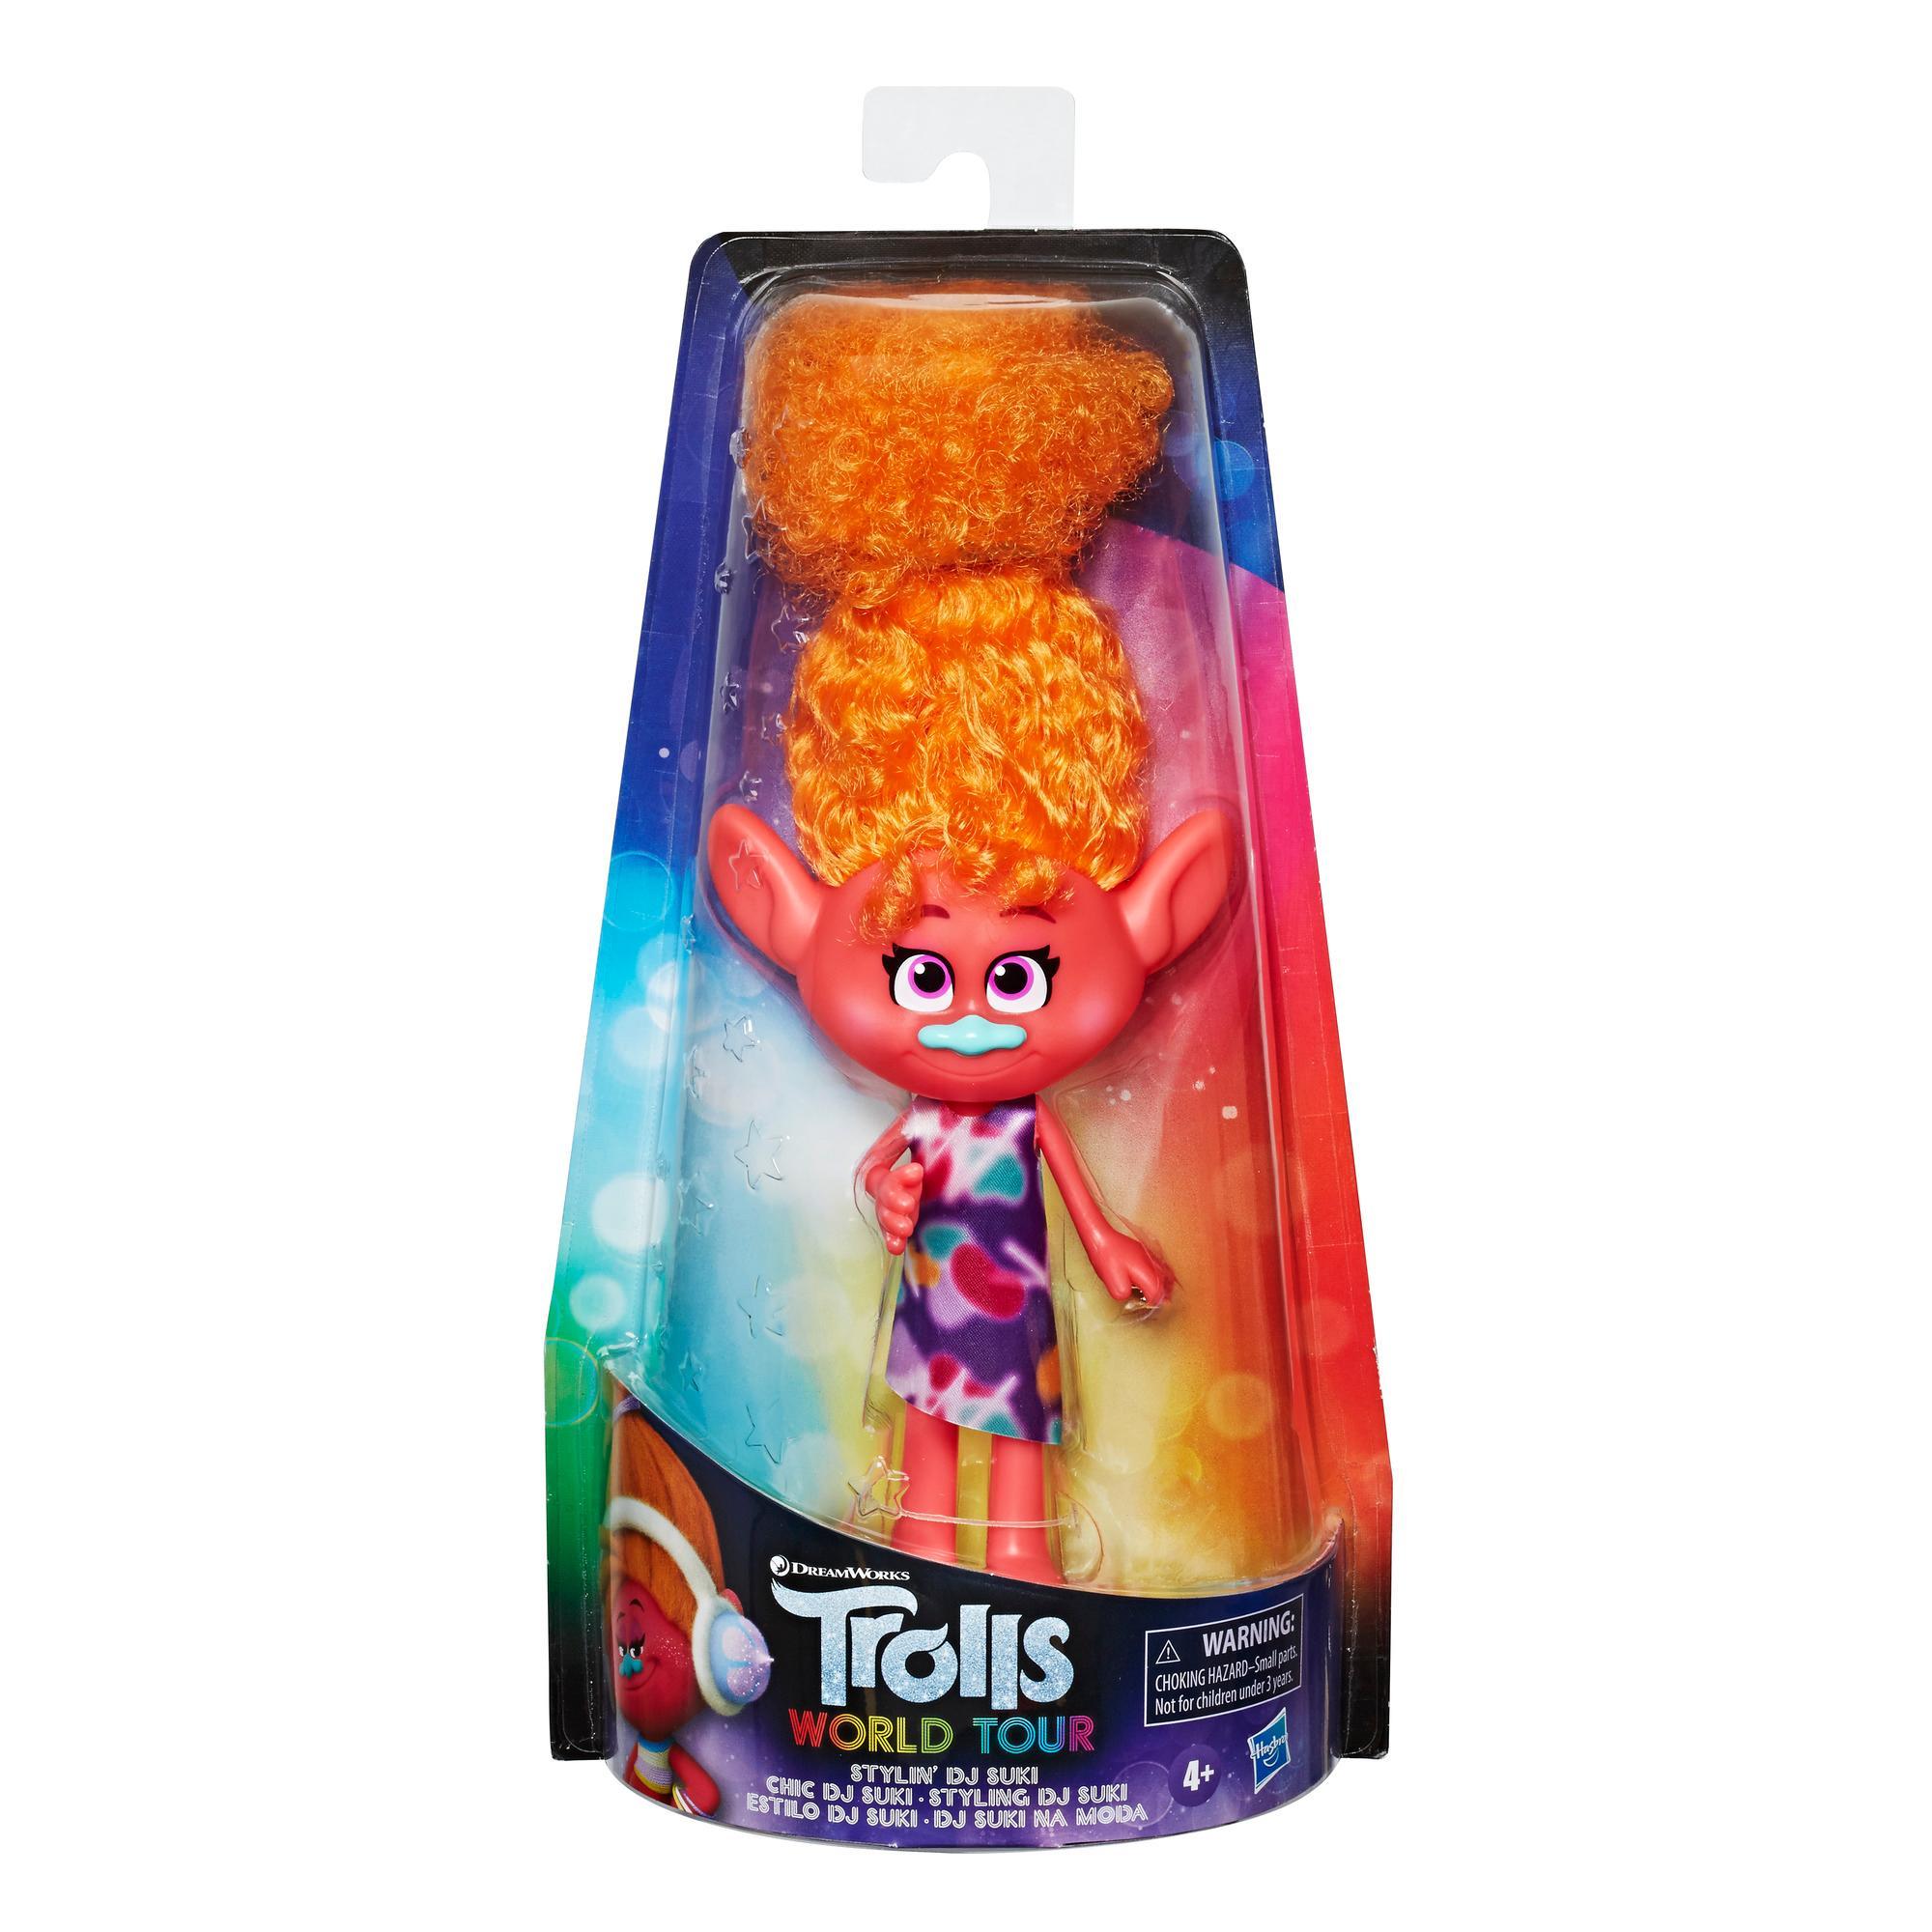 Trolls de DreamWorks, poupée Splendide Poppy, avec robe et plus, du film Trolls 2 : Tournée mondiale, jouet pour enfants